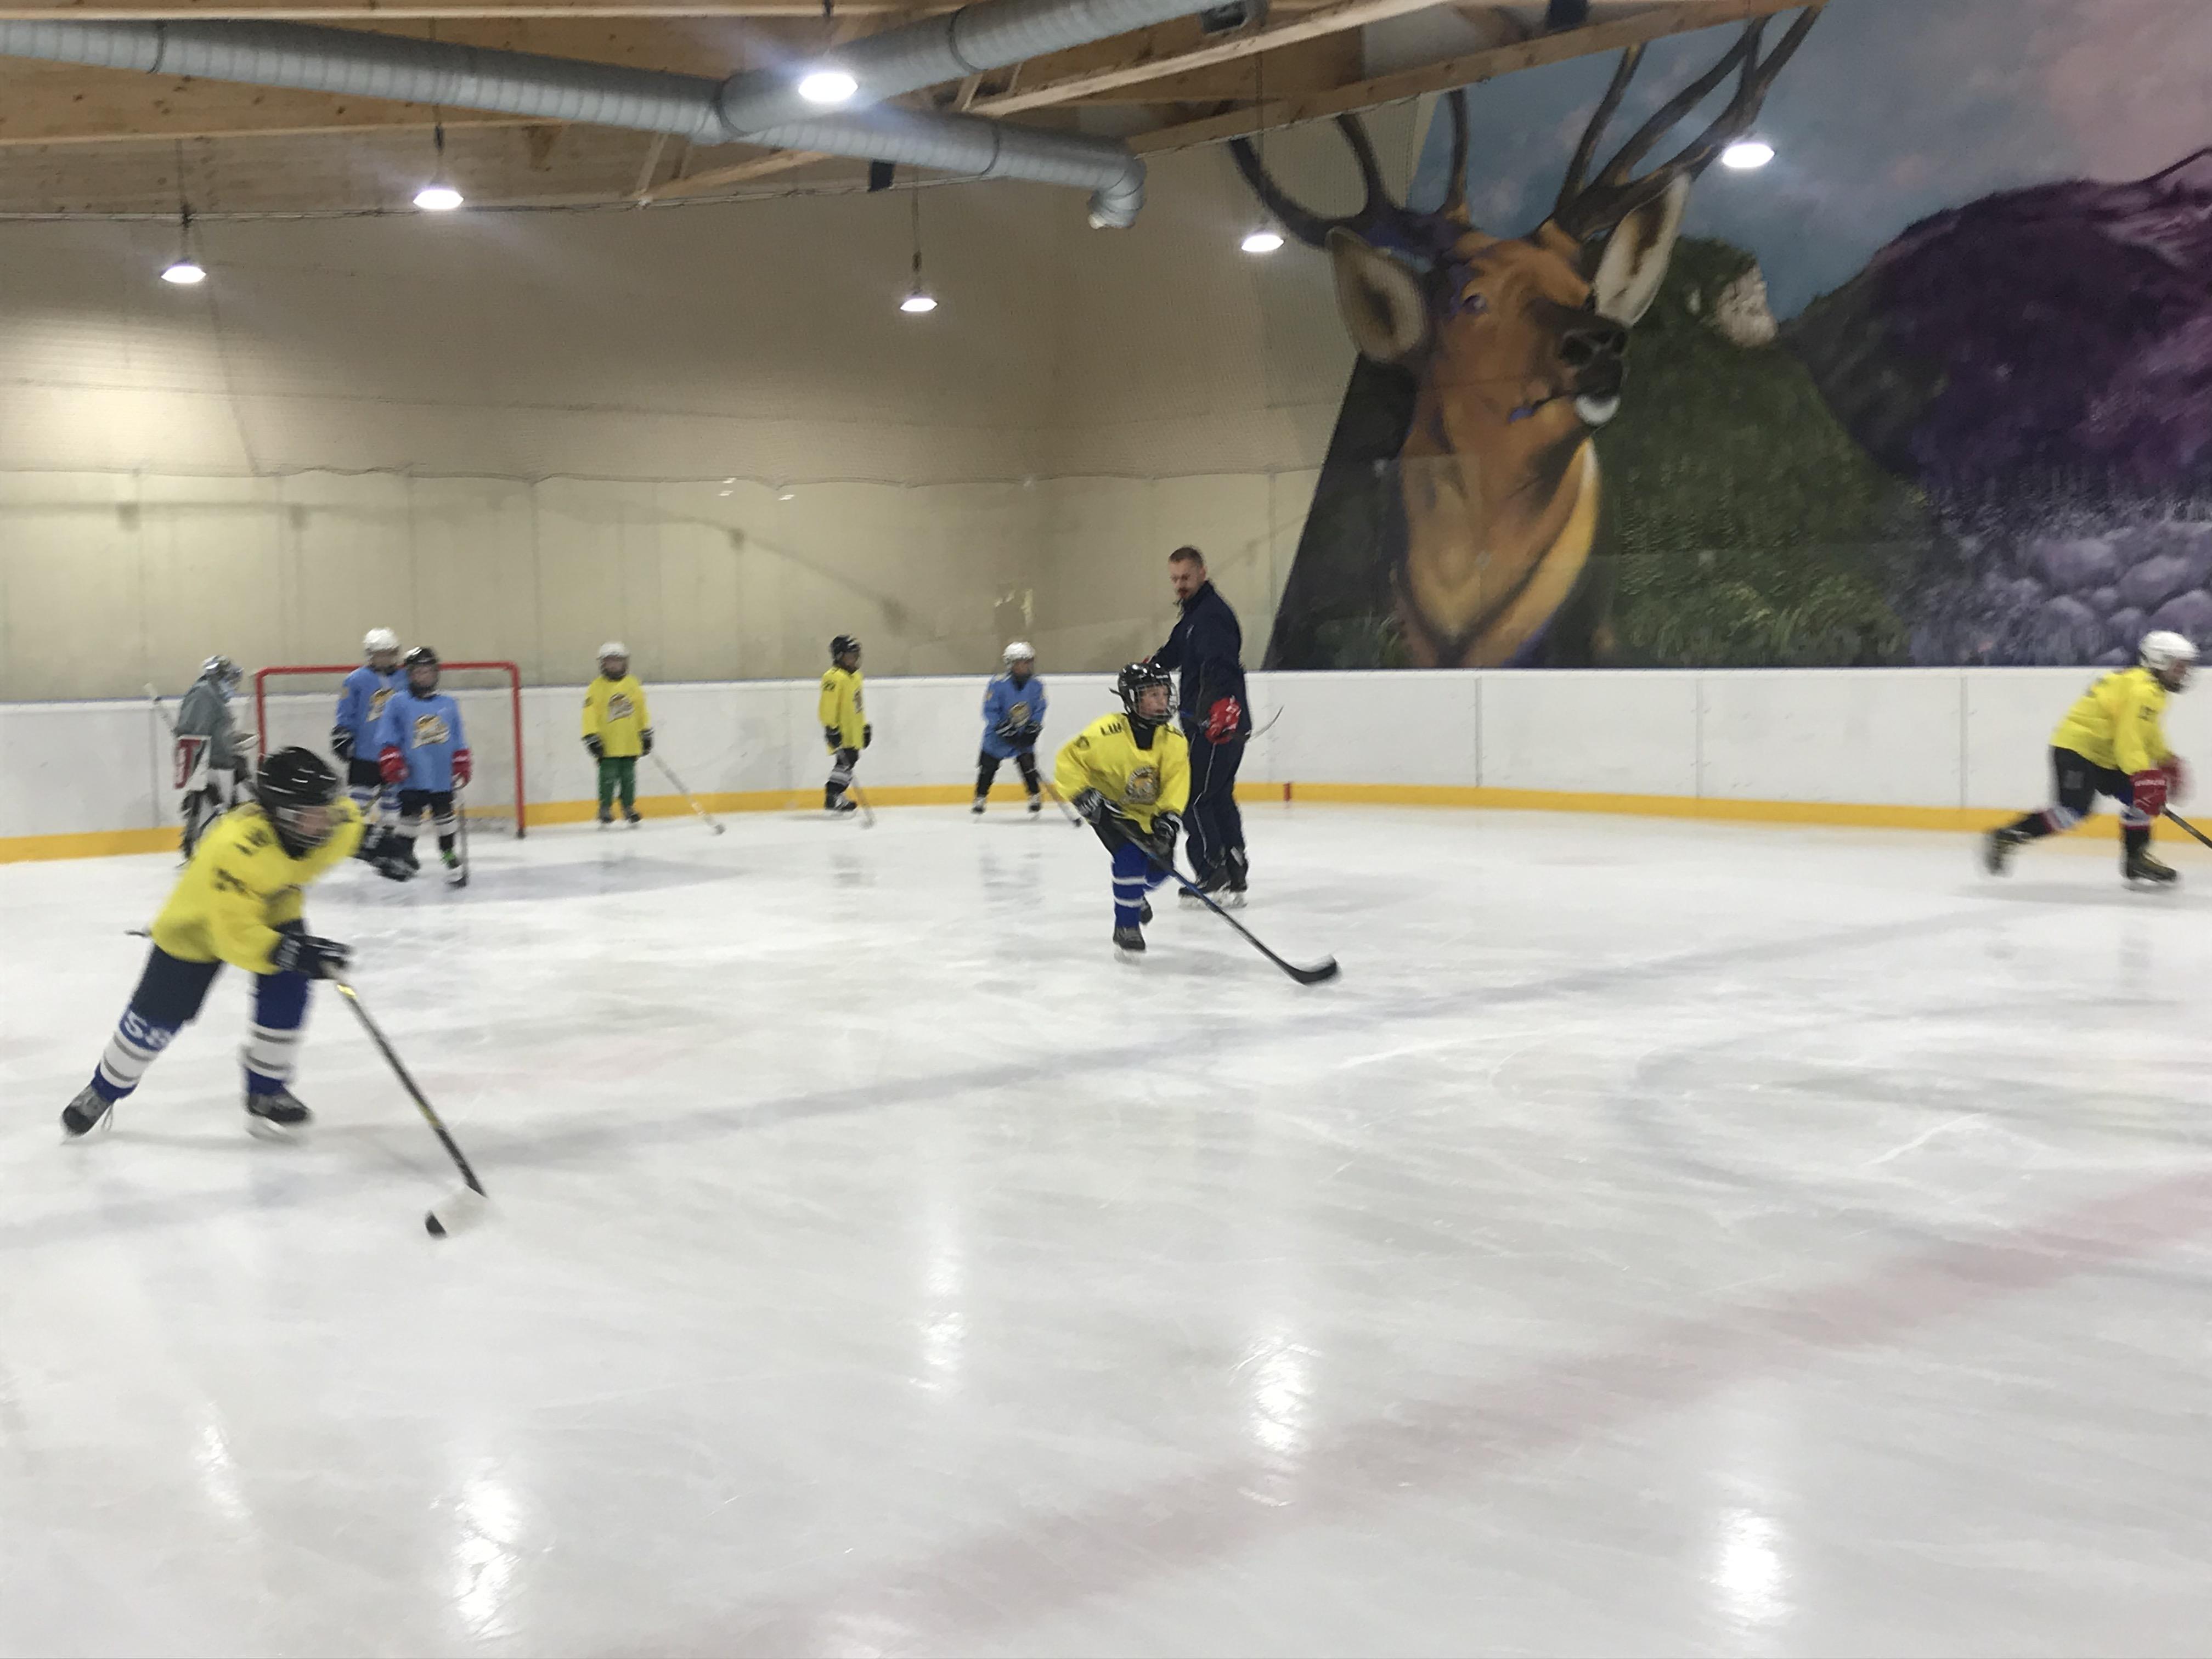 20201025142831_hokejfoto.jpg